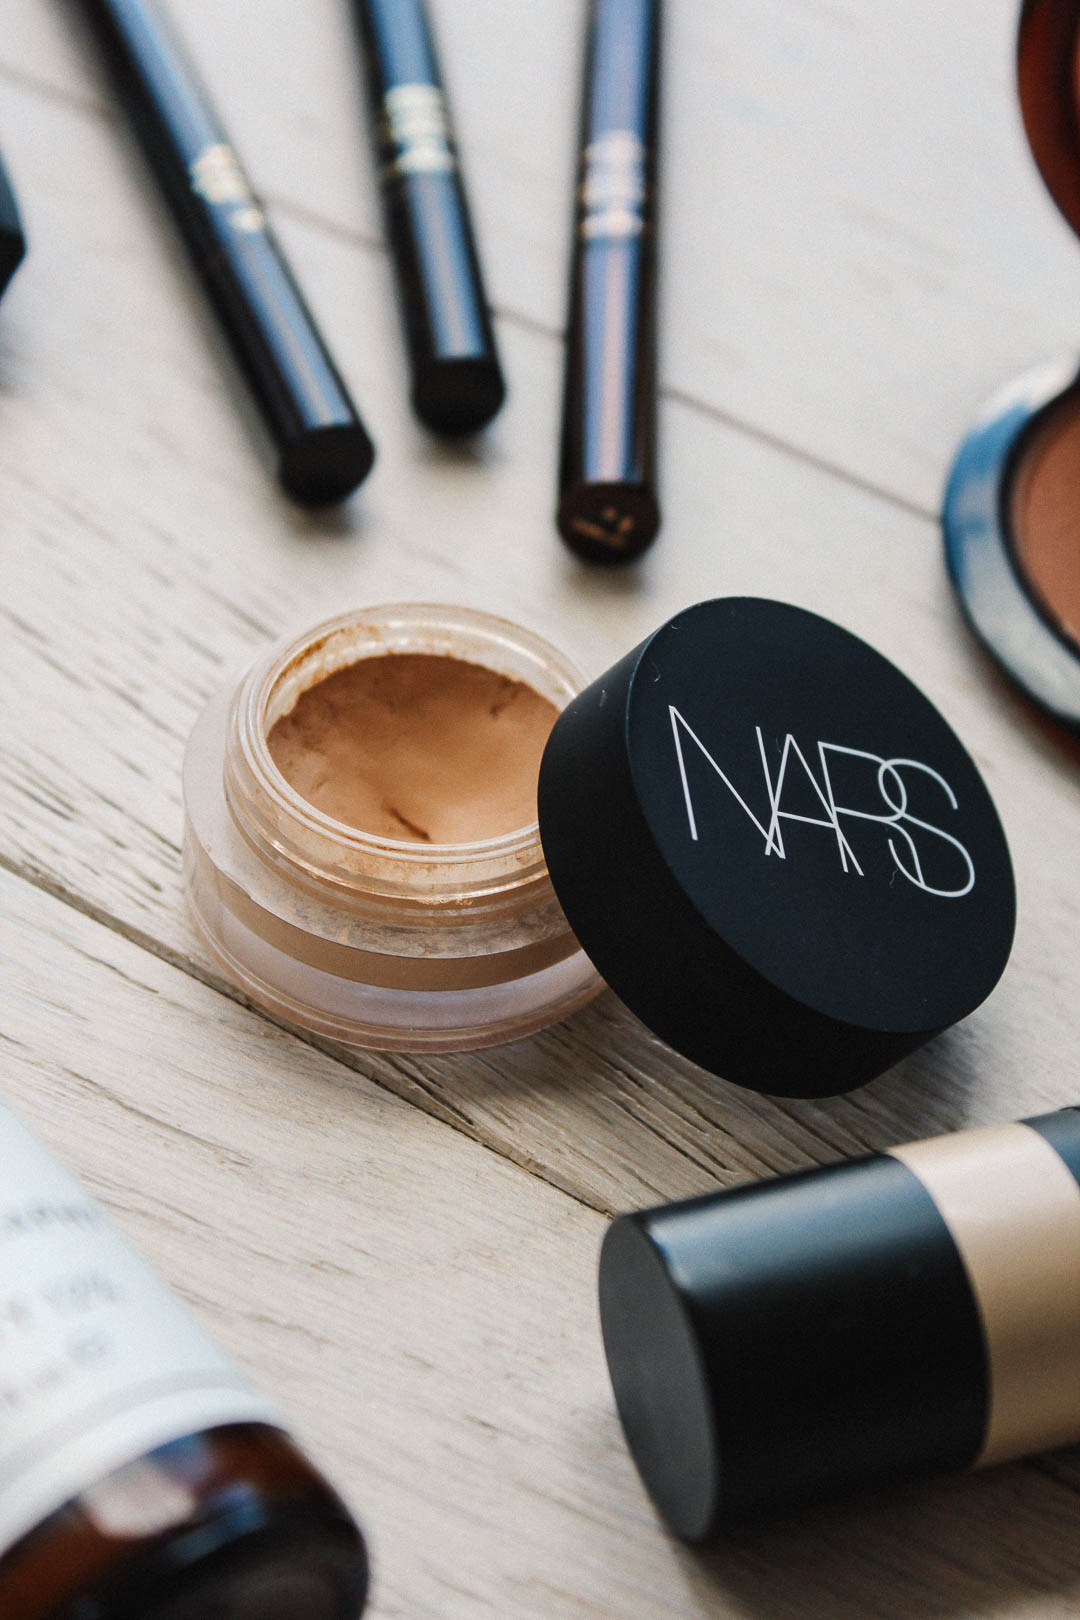 makeup (10 of 12)